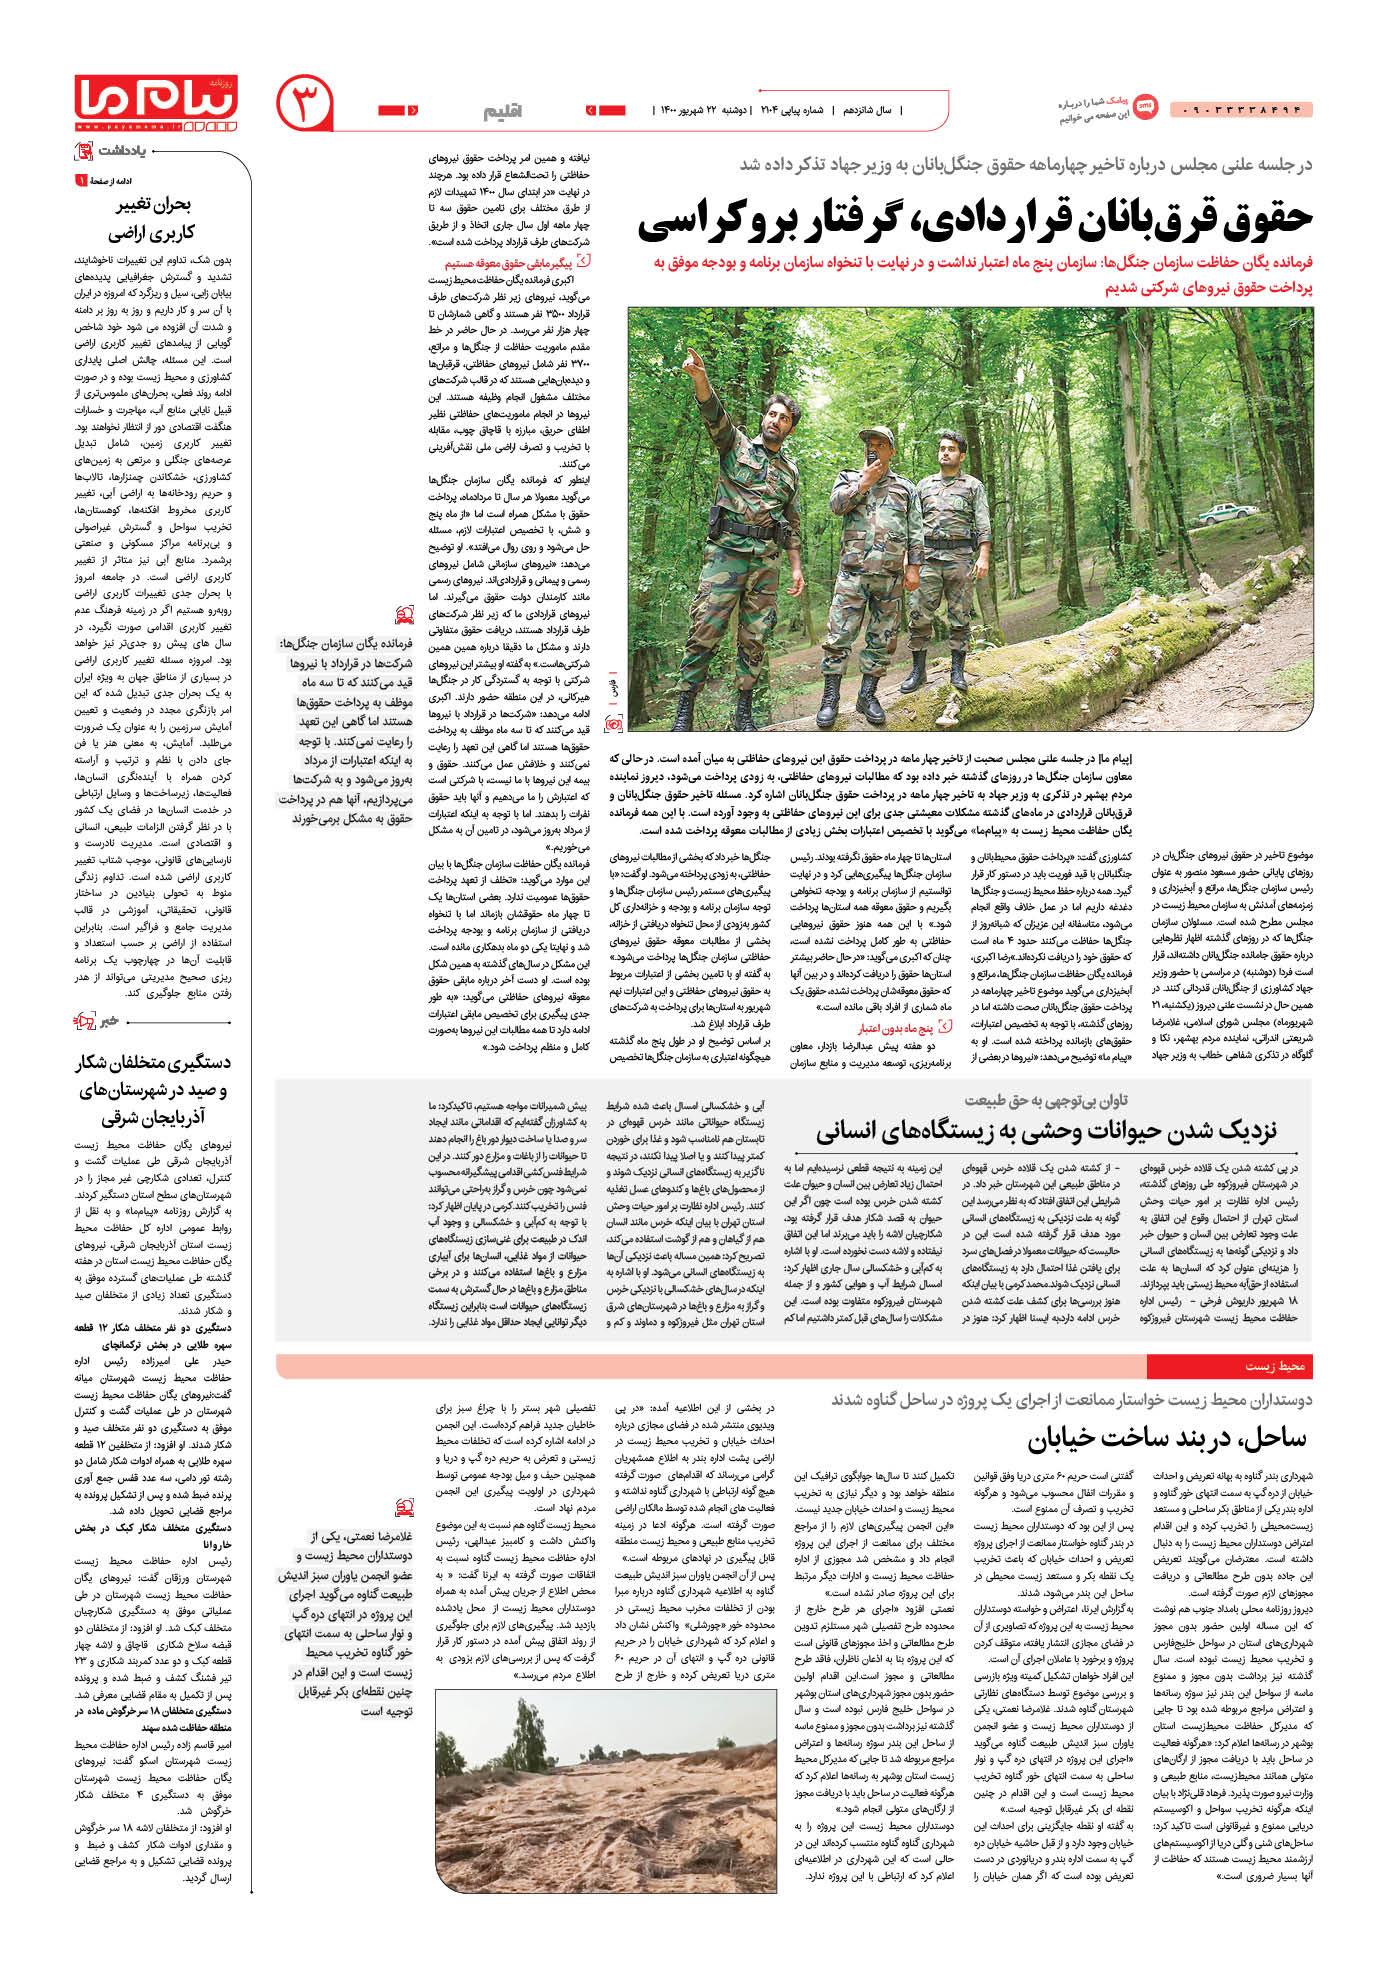 صفحه اقلیم شماره 2104 روزنامه پیام ما